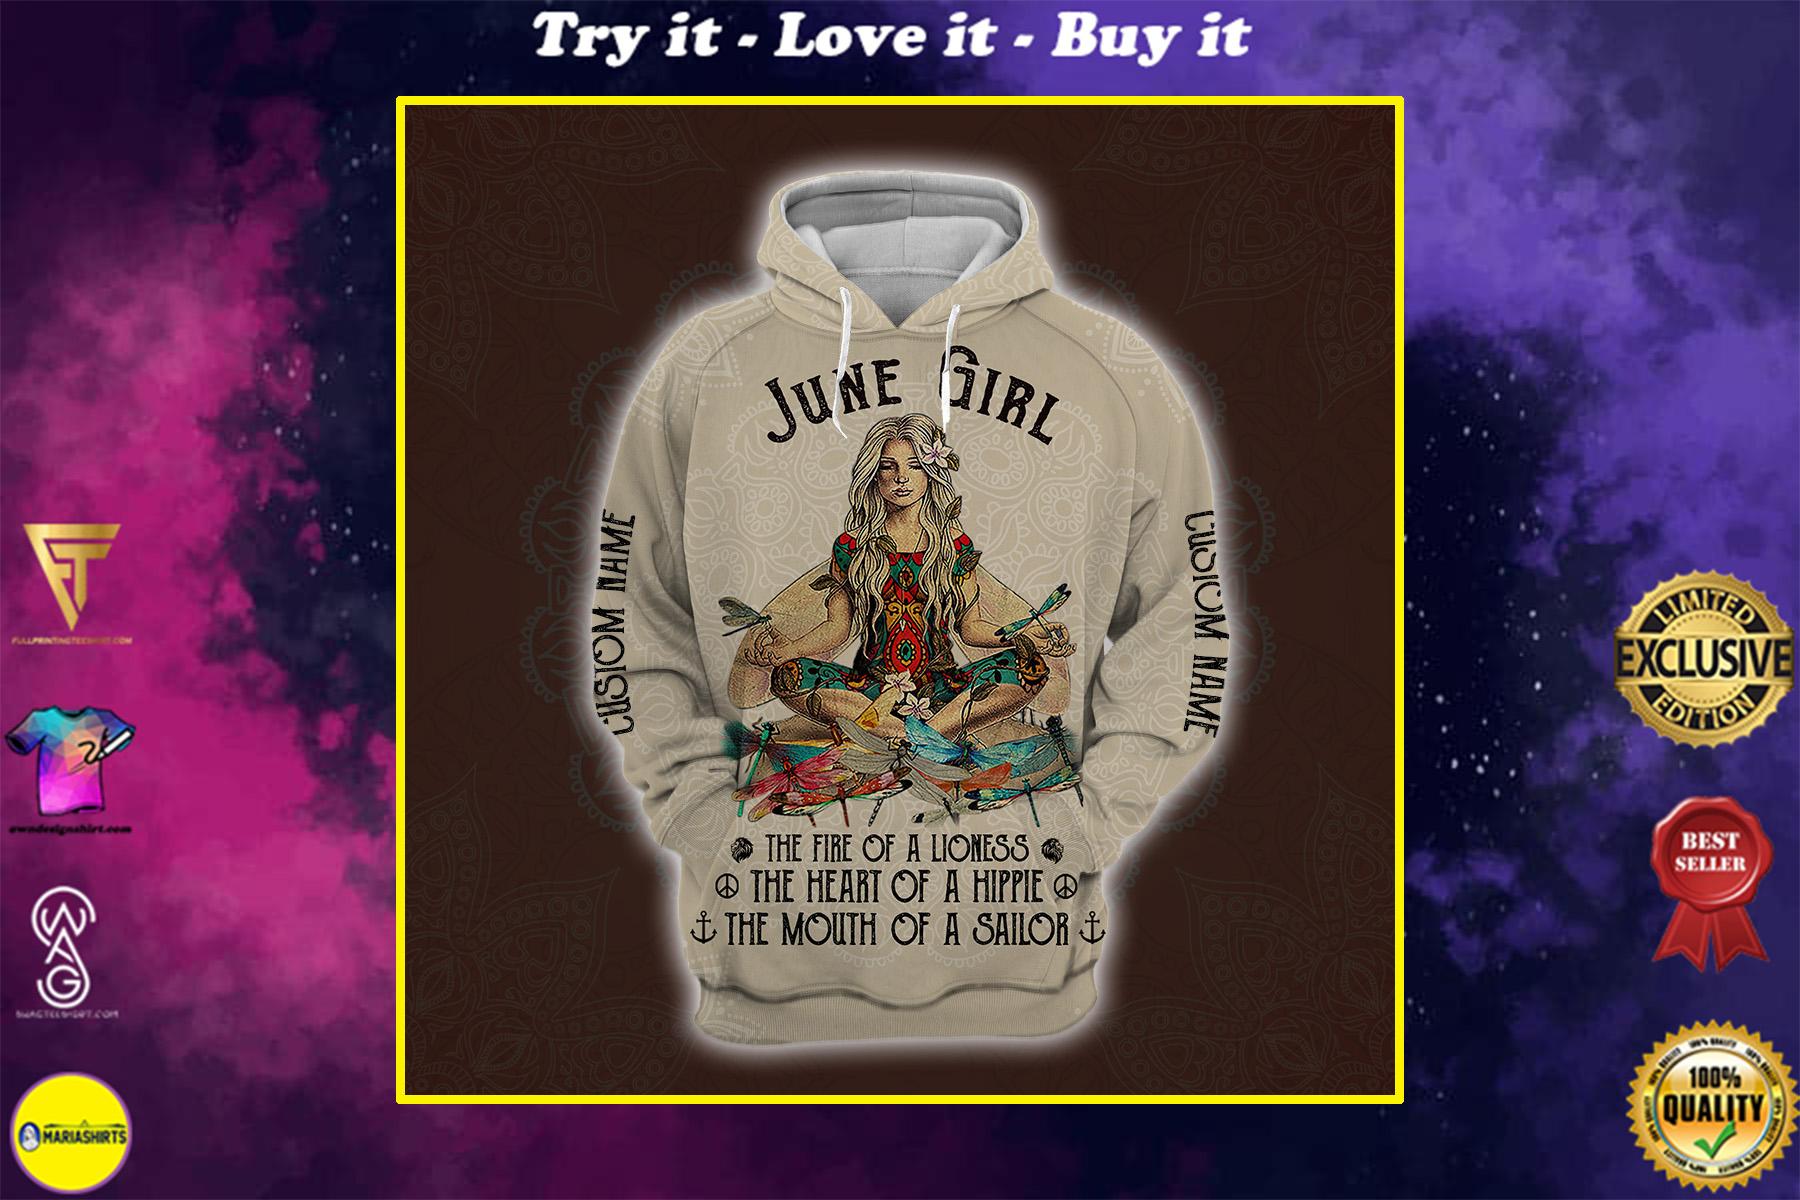 personalized name june yoga girl full printing shirt